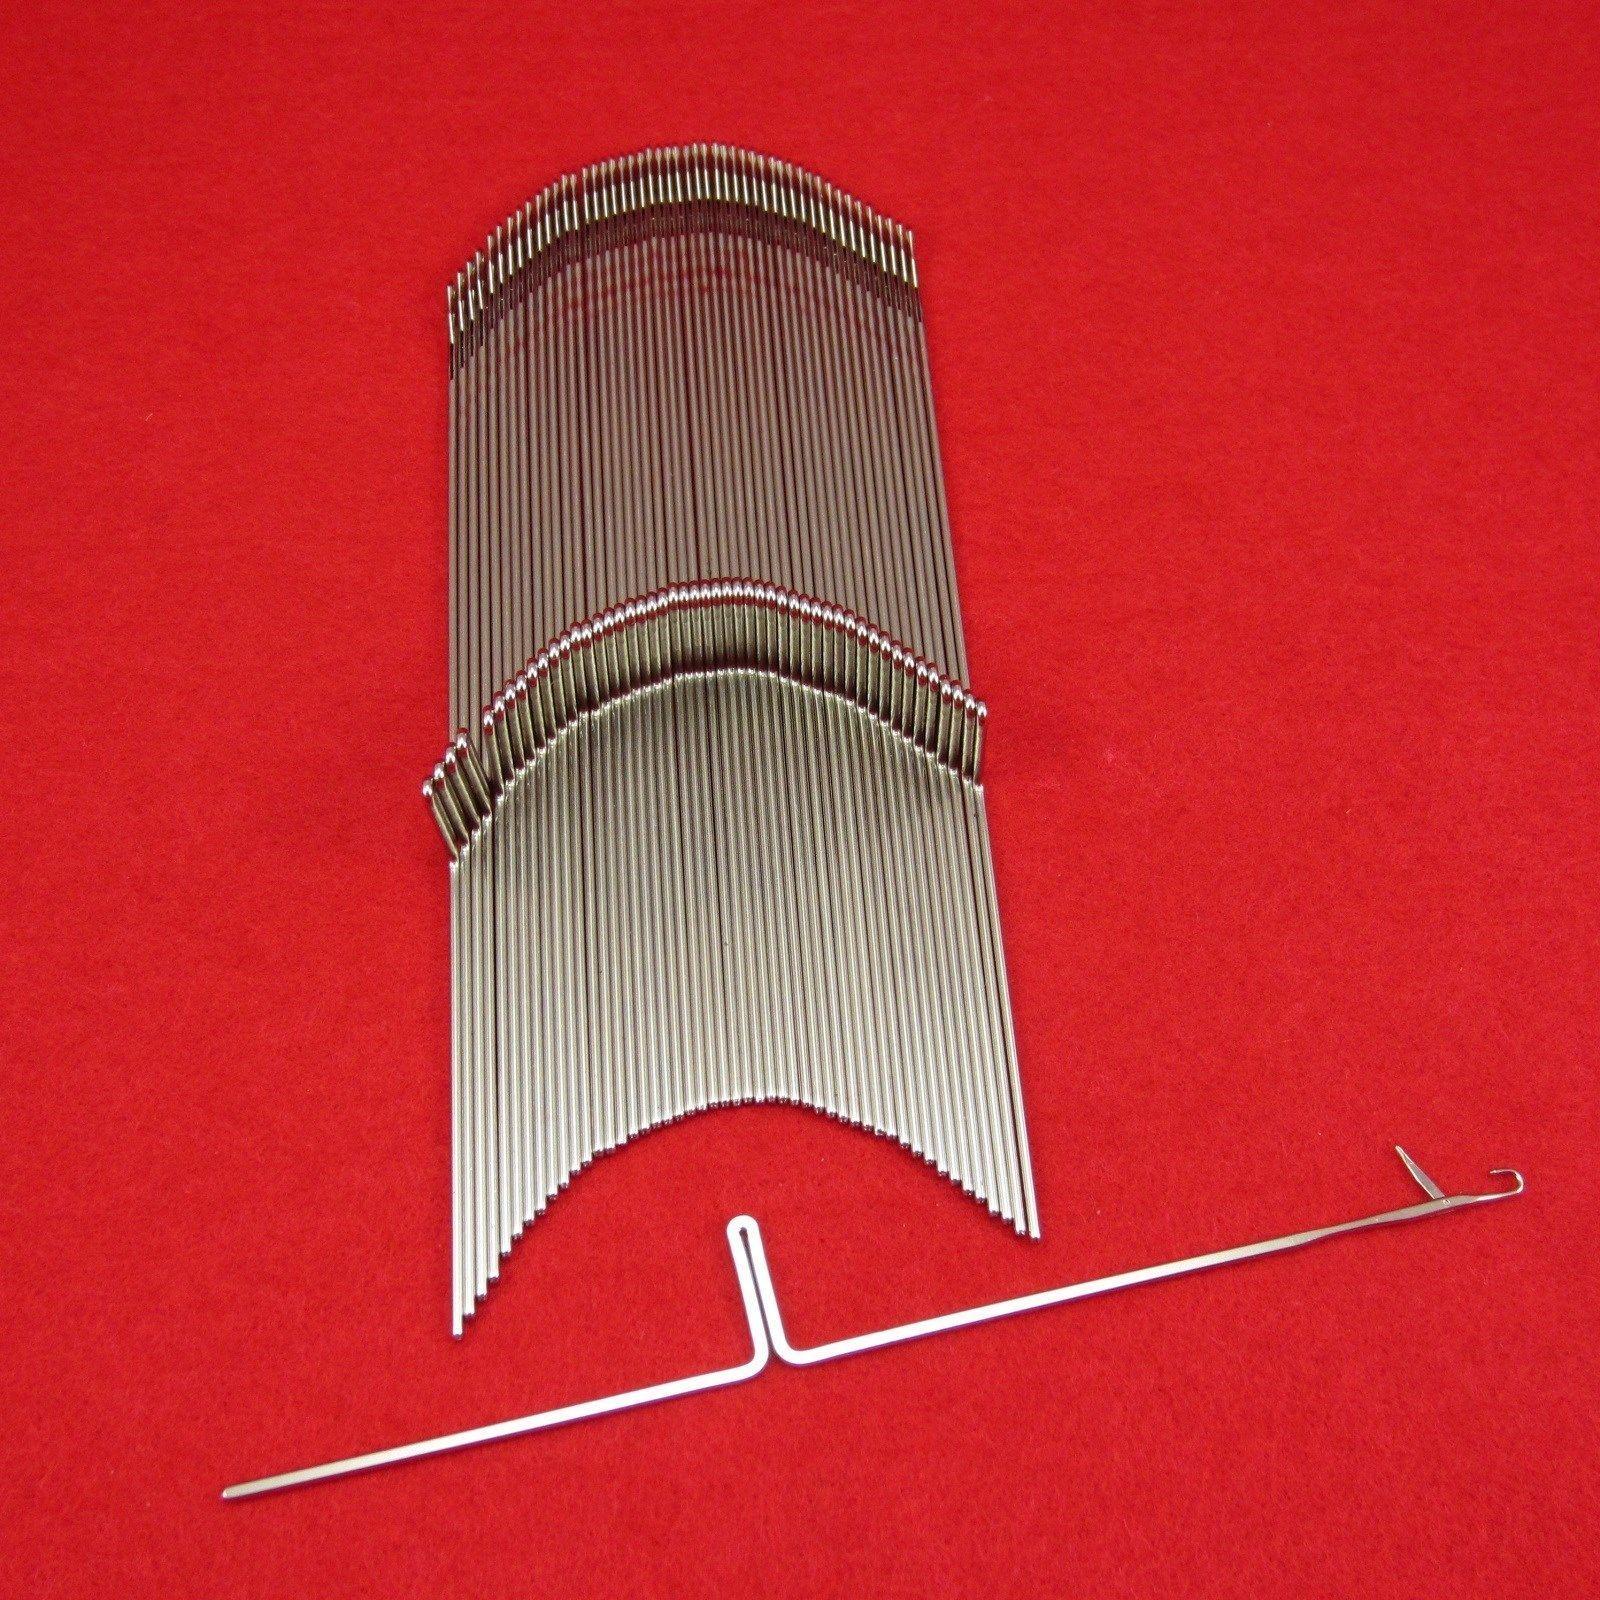 NEU Deckernadel 5.0 mm 3-er Decker für Pfaff Passap Strickmaschine n